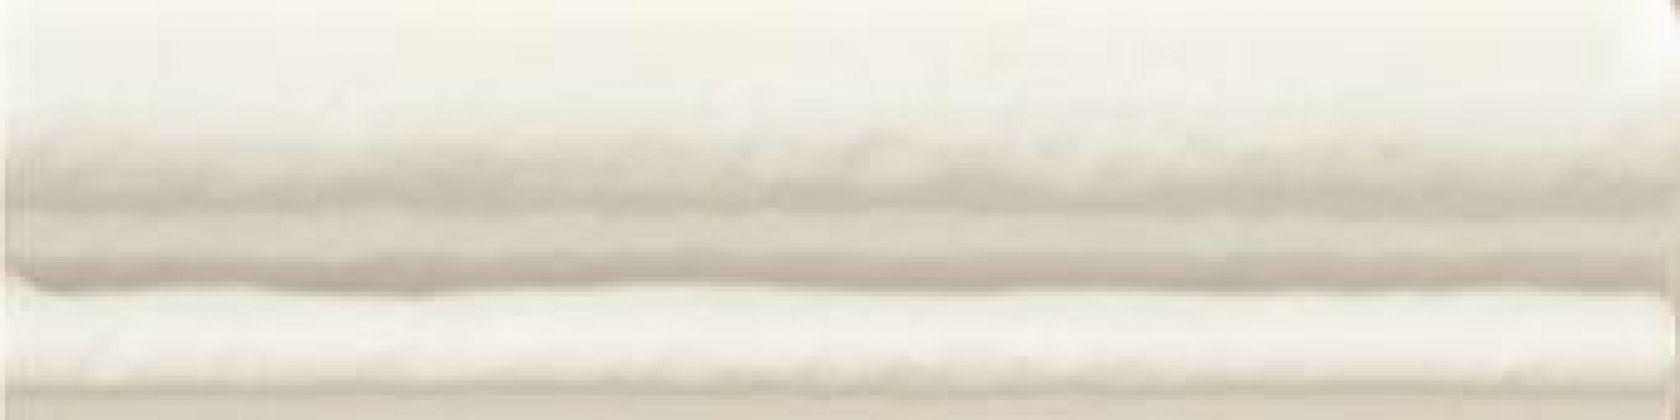 MOLDURA CHIC NEUTRO 4x15